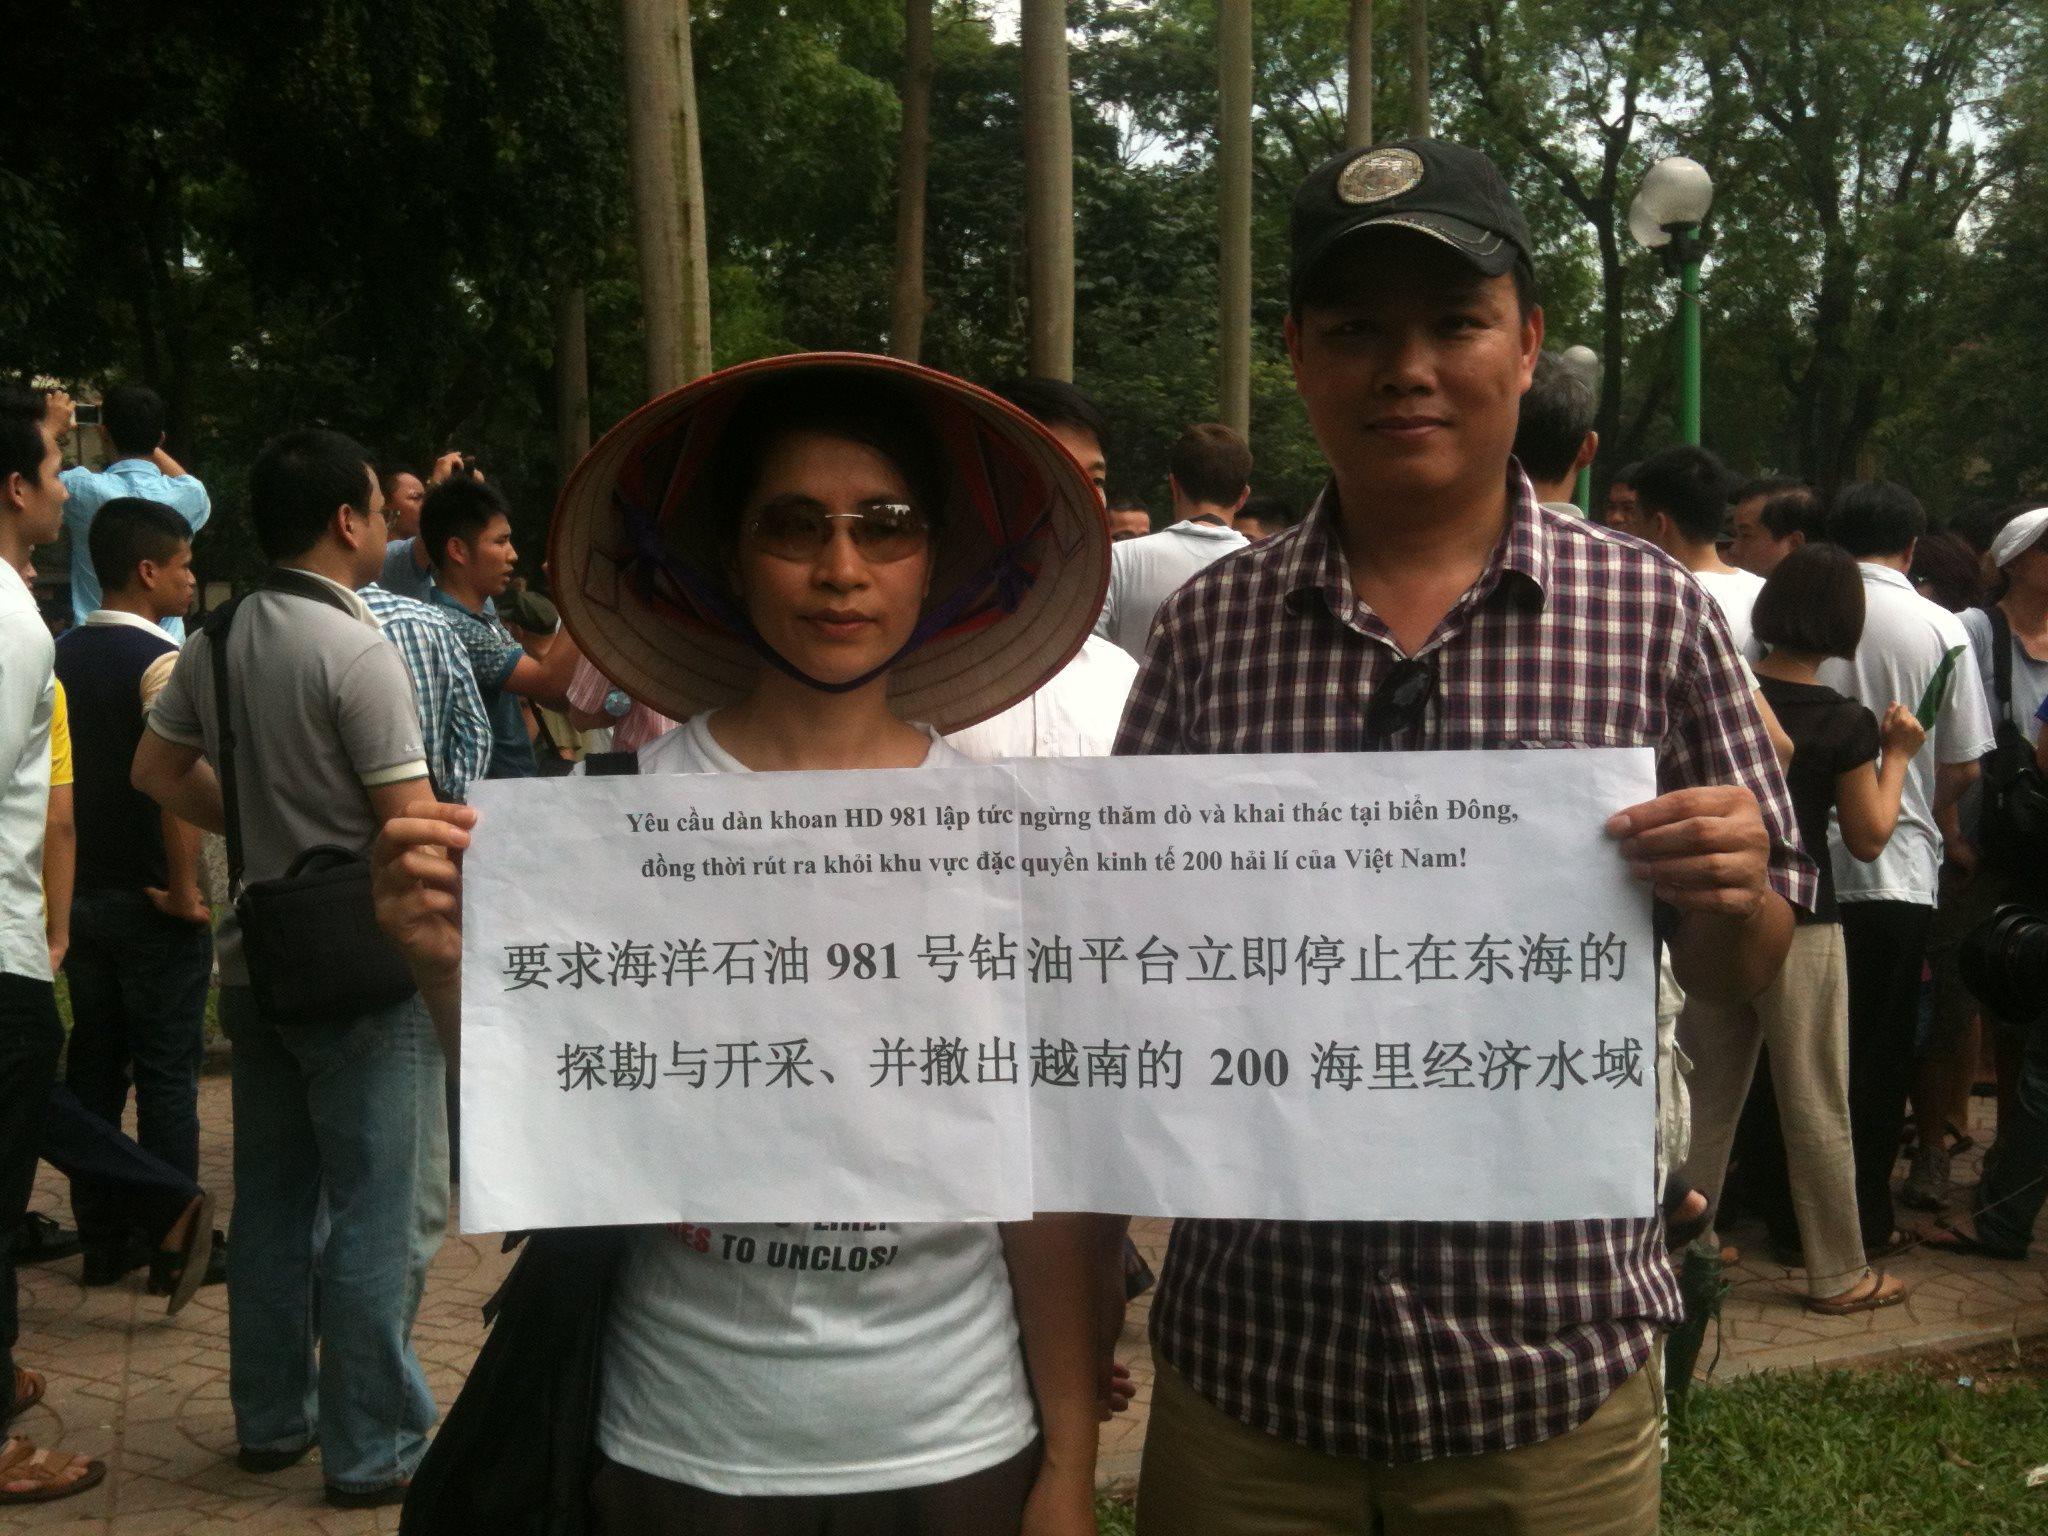 Nhà hoạt động Lê Anh Hùng bị đưa vào trại tâm thần sau 9 tháng giam giữ